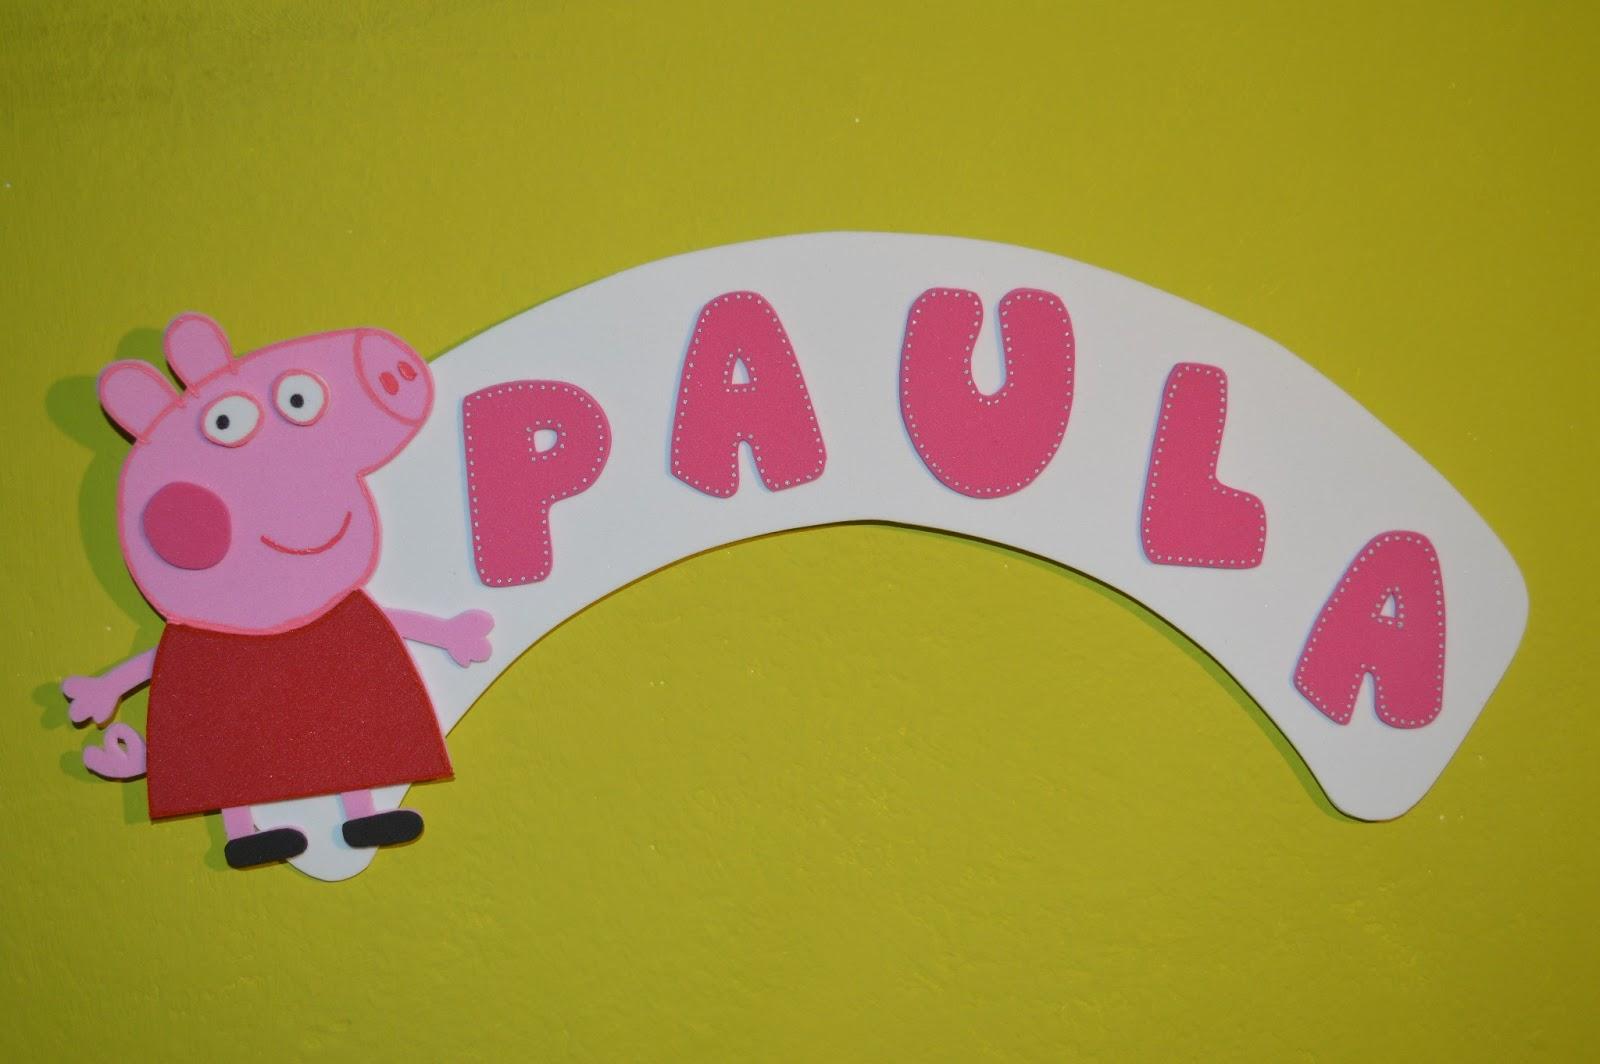 El siguiente es para un chico, para Raul, y su dibujo favorito